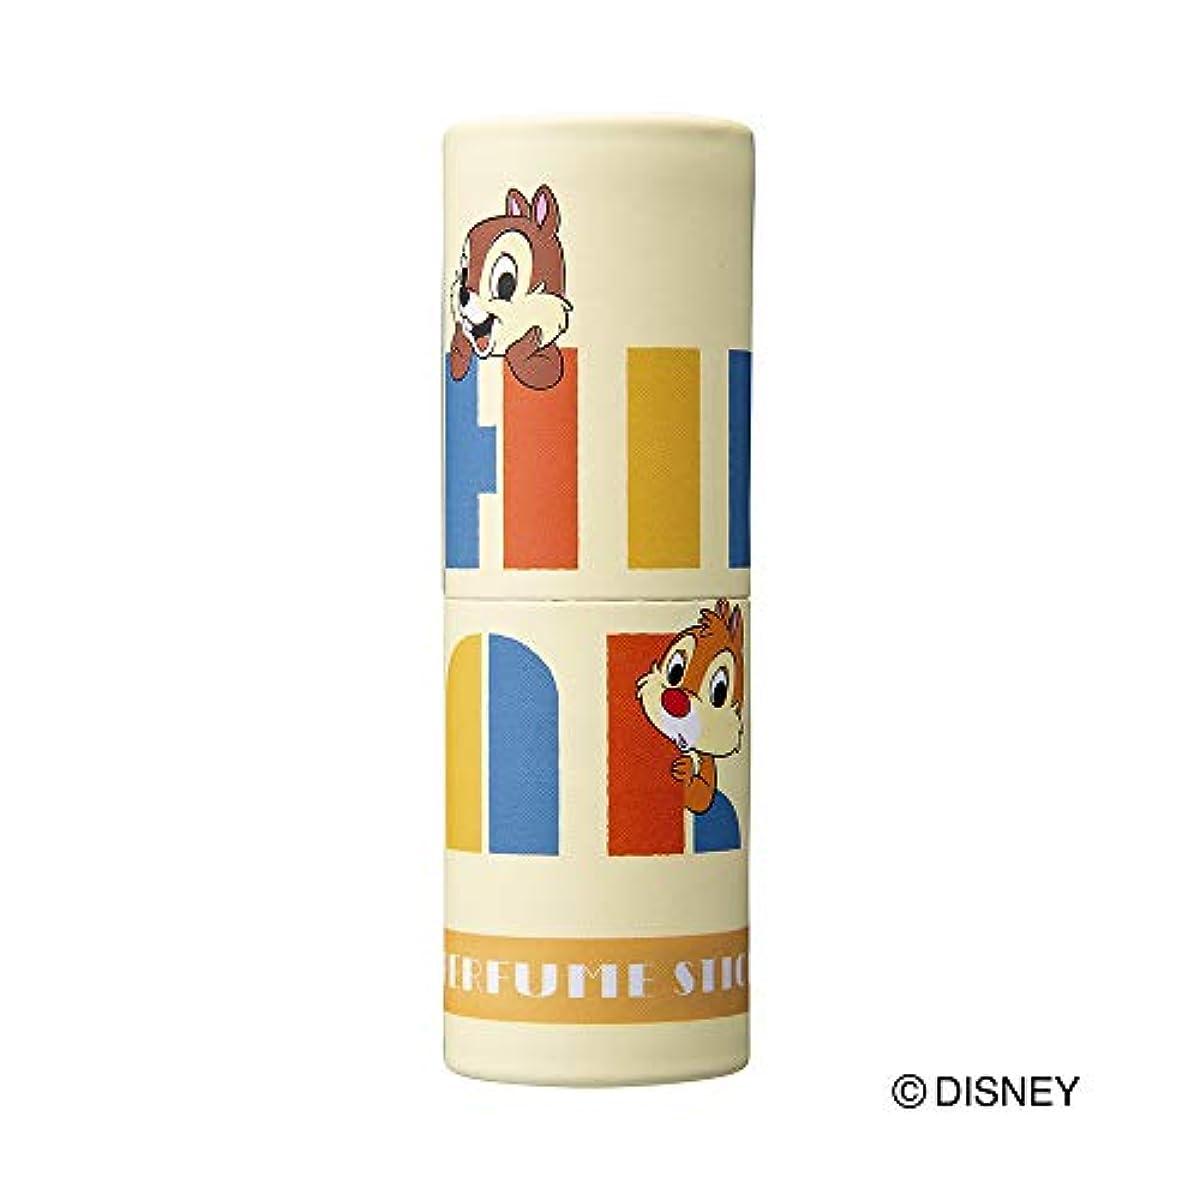 シニスシャー件名パフュームスティック チアー シトラス&シャボンの香り ディズニーデザイン 5g